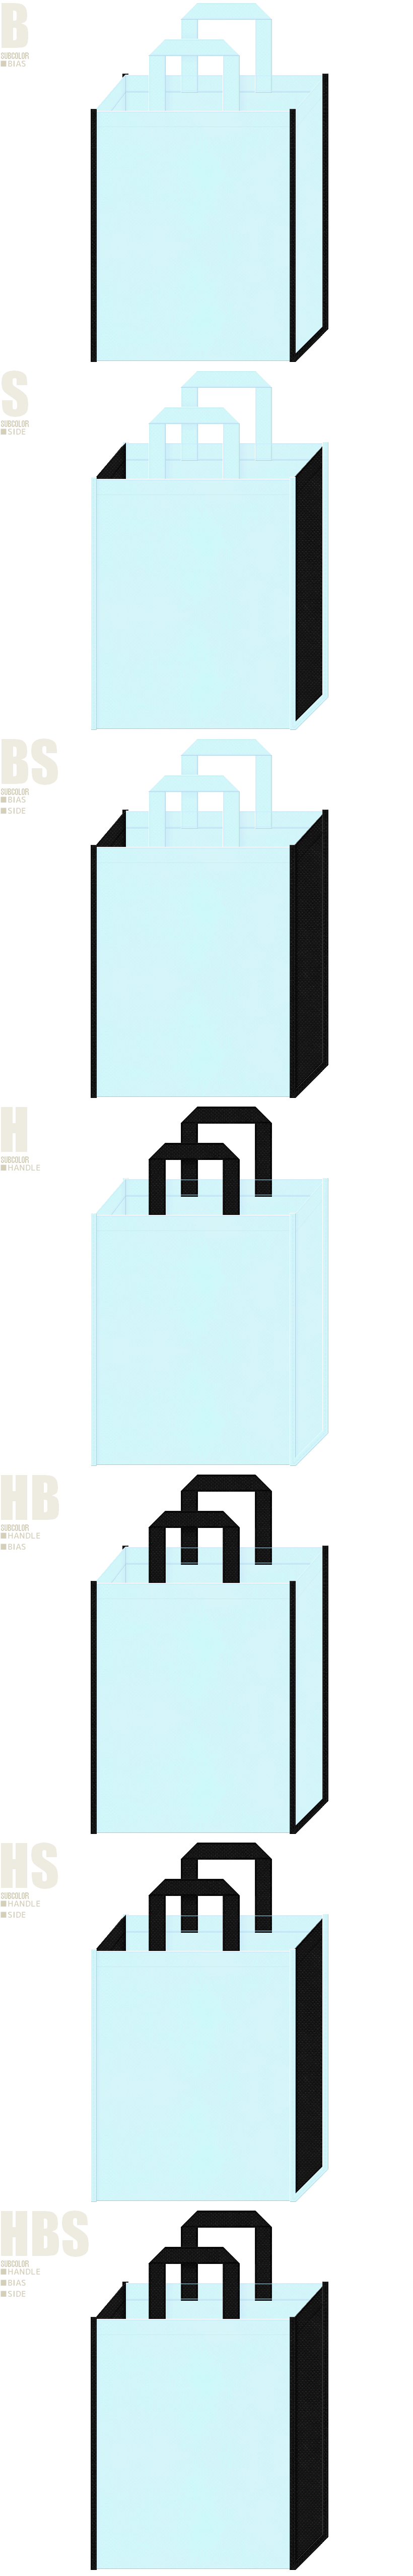 水色と黒色-7パターンの不織布トートバッグ配色デザイン例